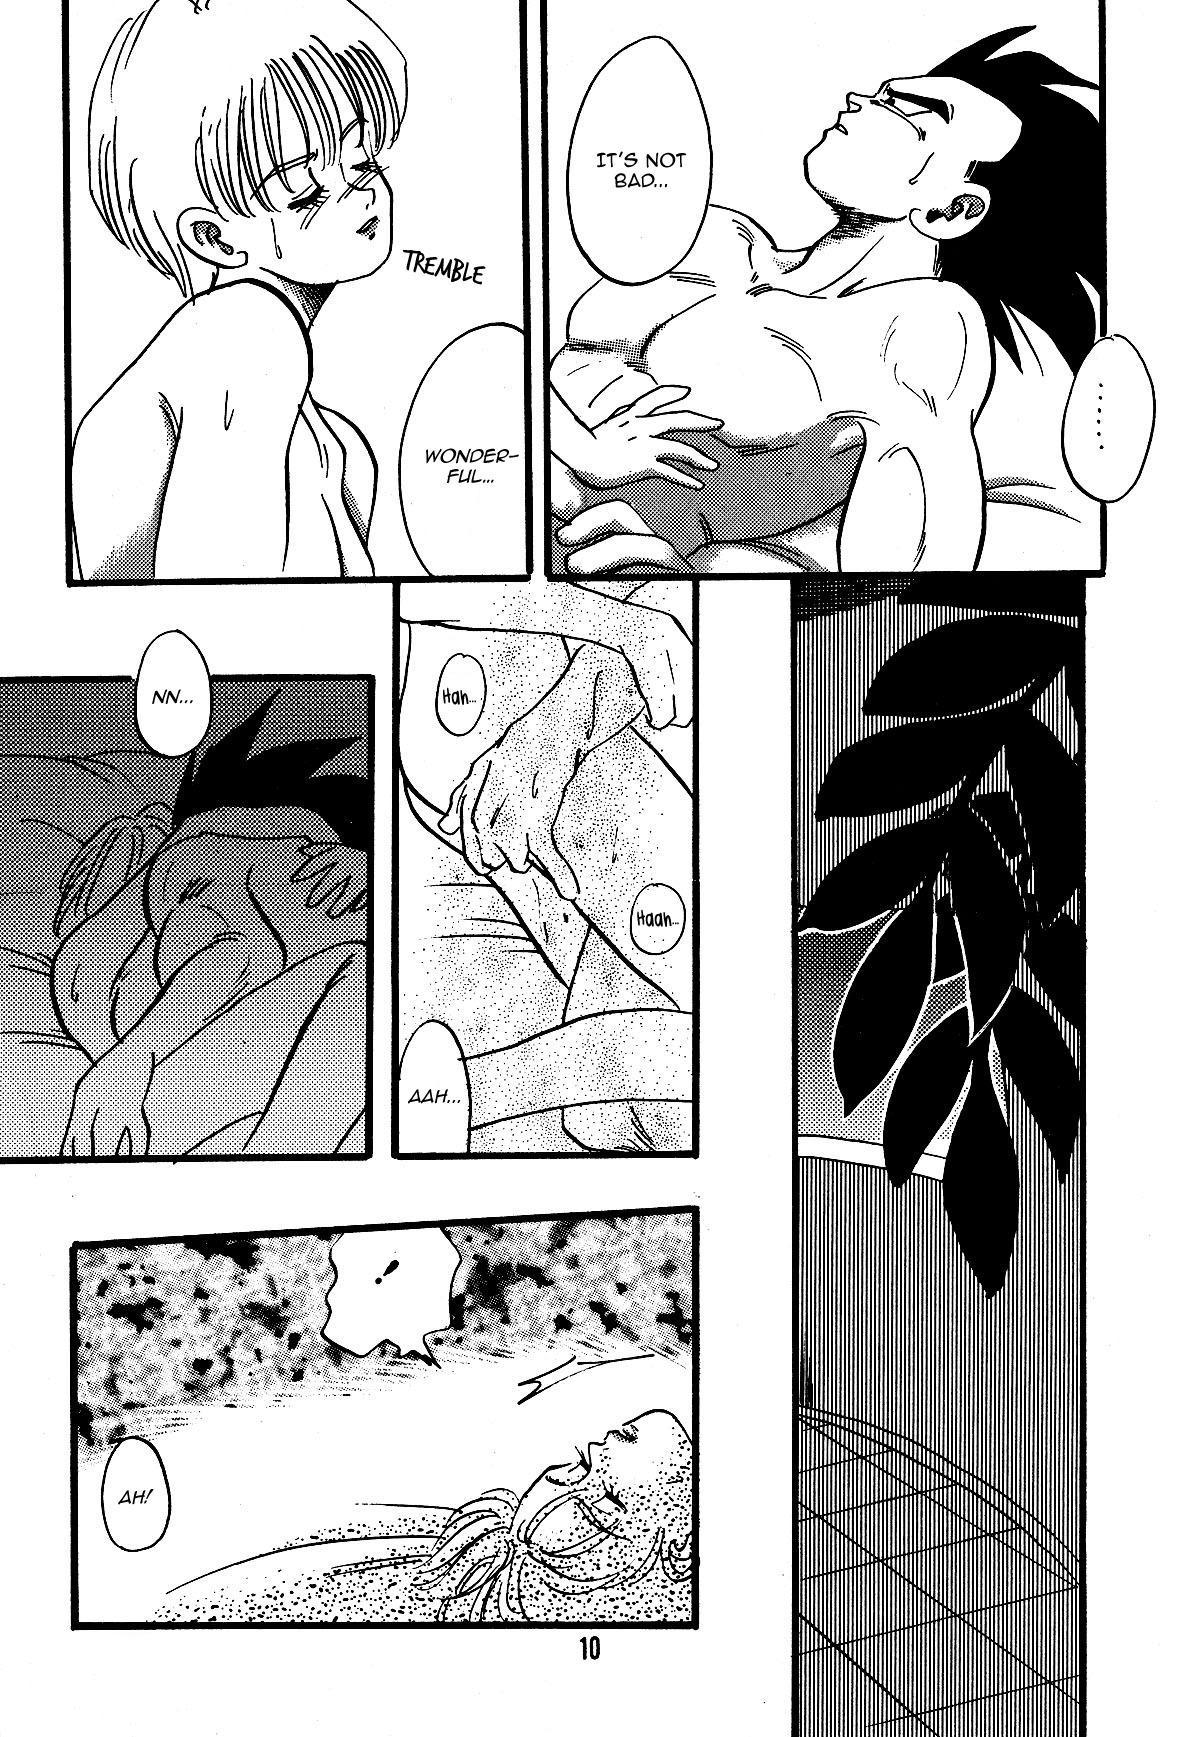 Erotic Flame 10